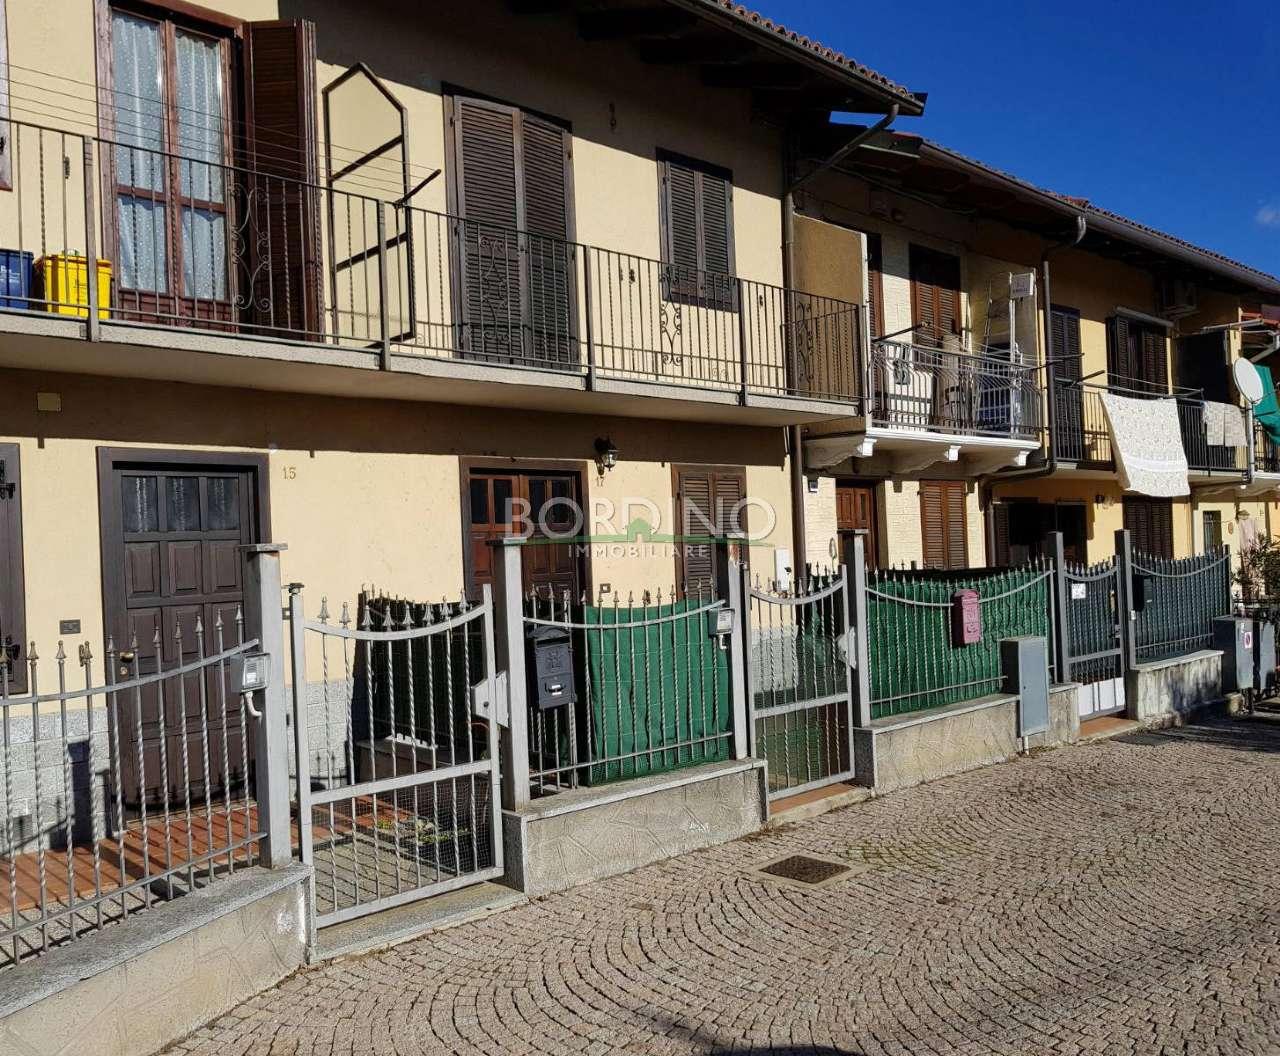 Soluzione Indipendente in vendita a La Cassa, 4 locali, prezzo € 79.000 | CambioCasa.it